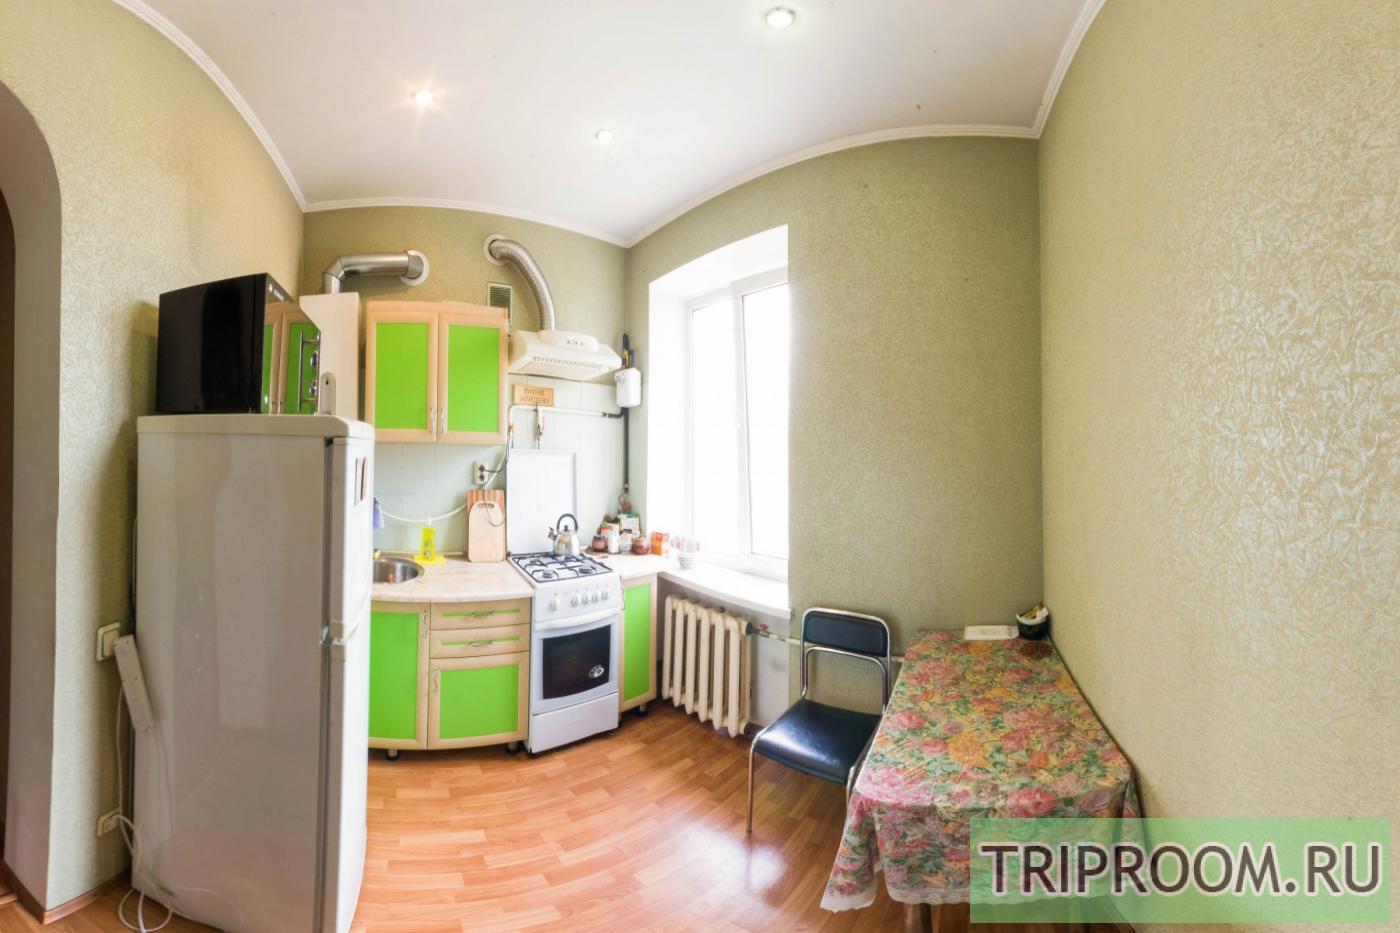 1-комнатная квартира посуточно (вариант № 19472), ул. Севастопольская улица, фото № 2